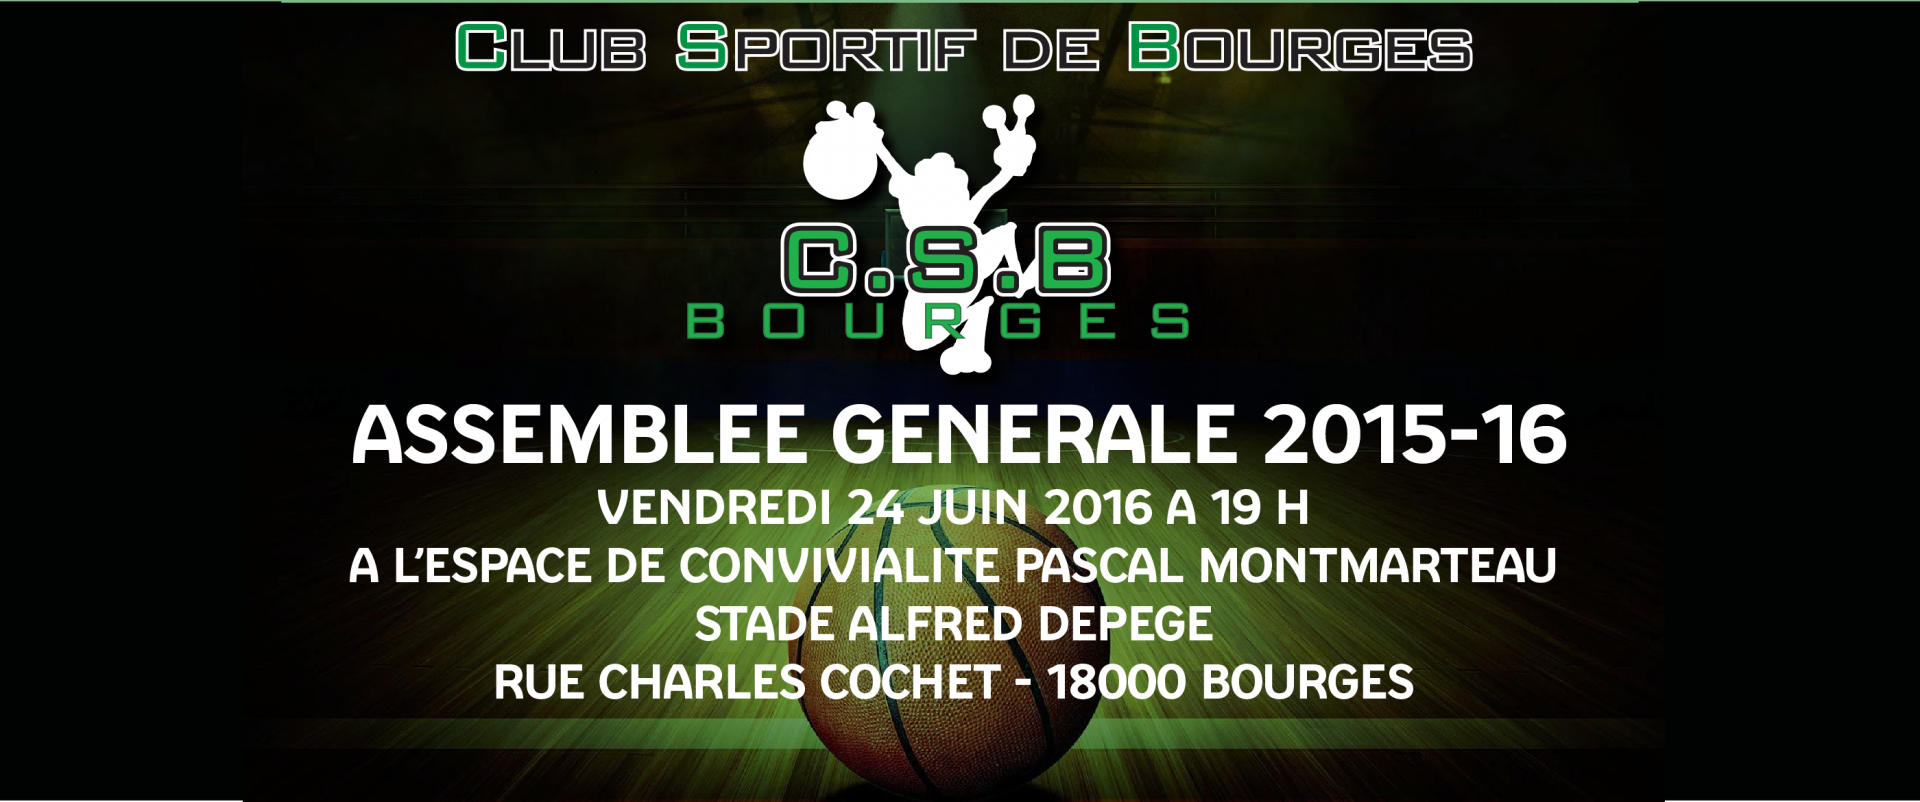 Assemblee generale 2015 16